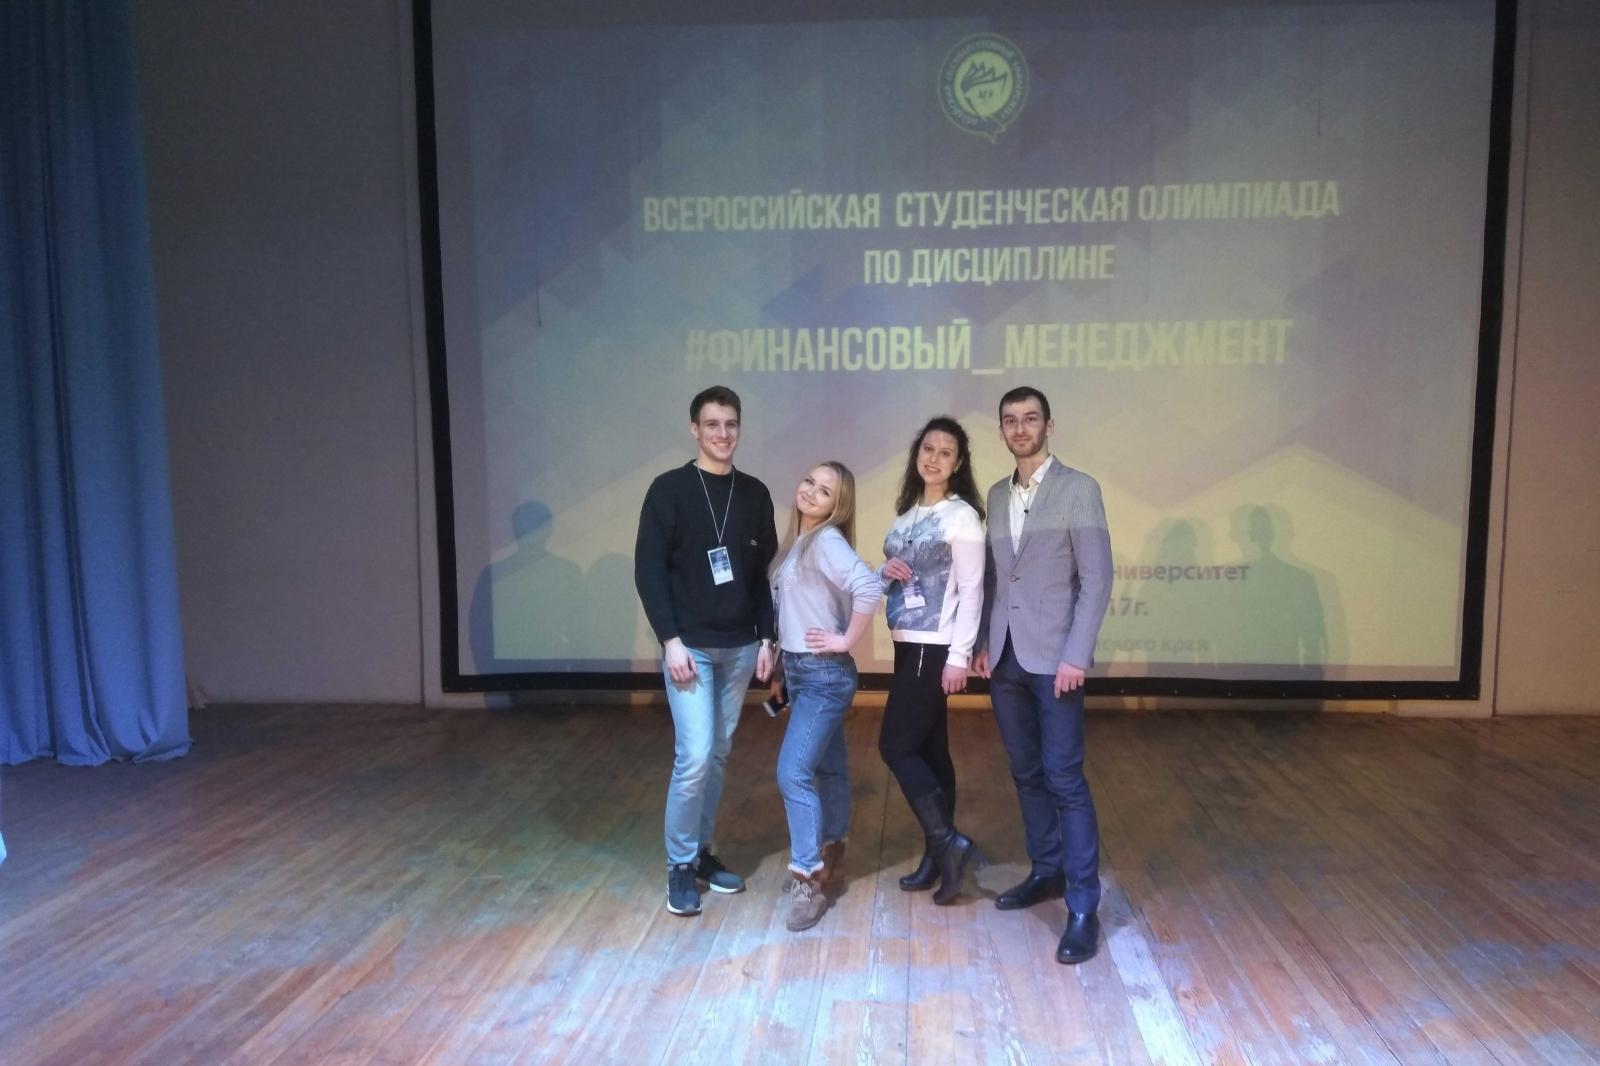 Студенты ВШГиФУ приняли участие в олимпиаде по финансовому менеджменту, проходившей в г. Барауле